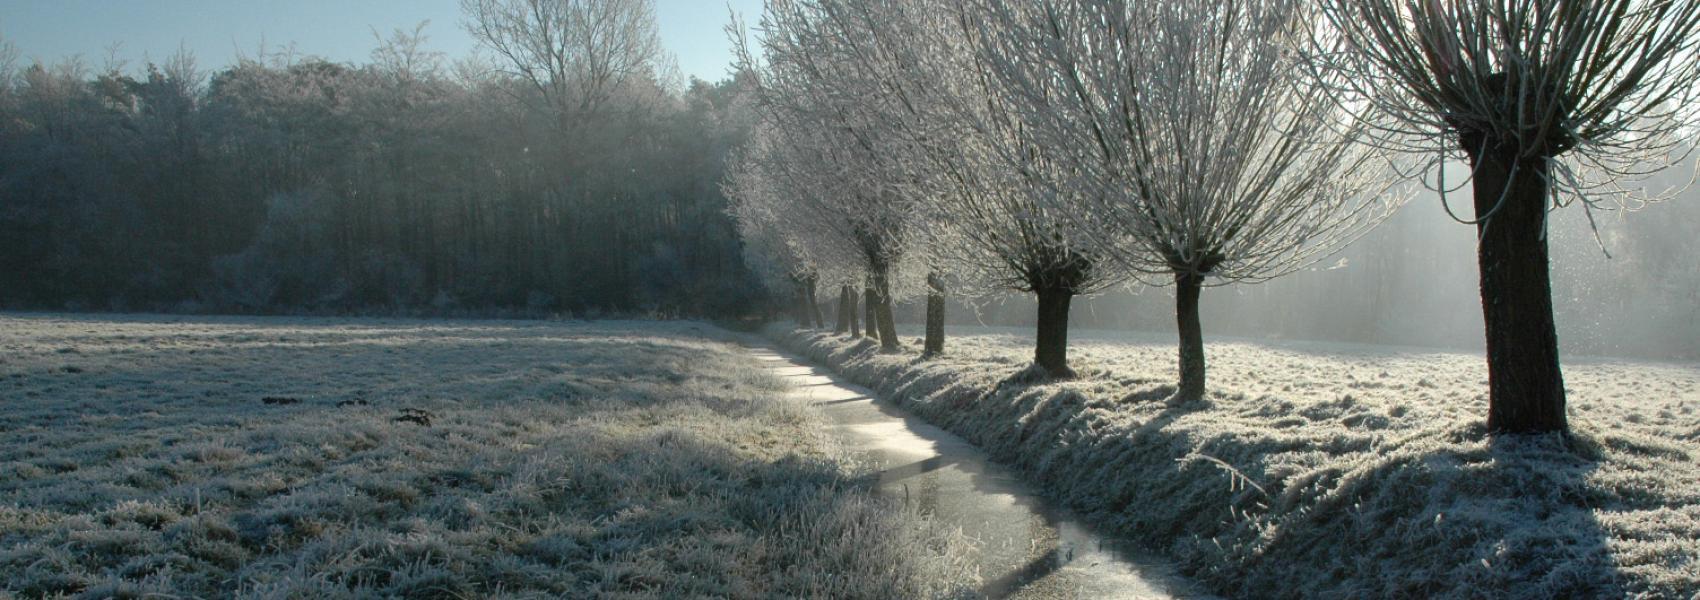 zicht op een winterslandschap